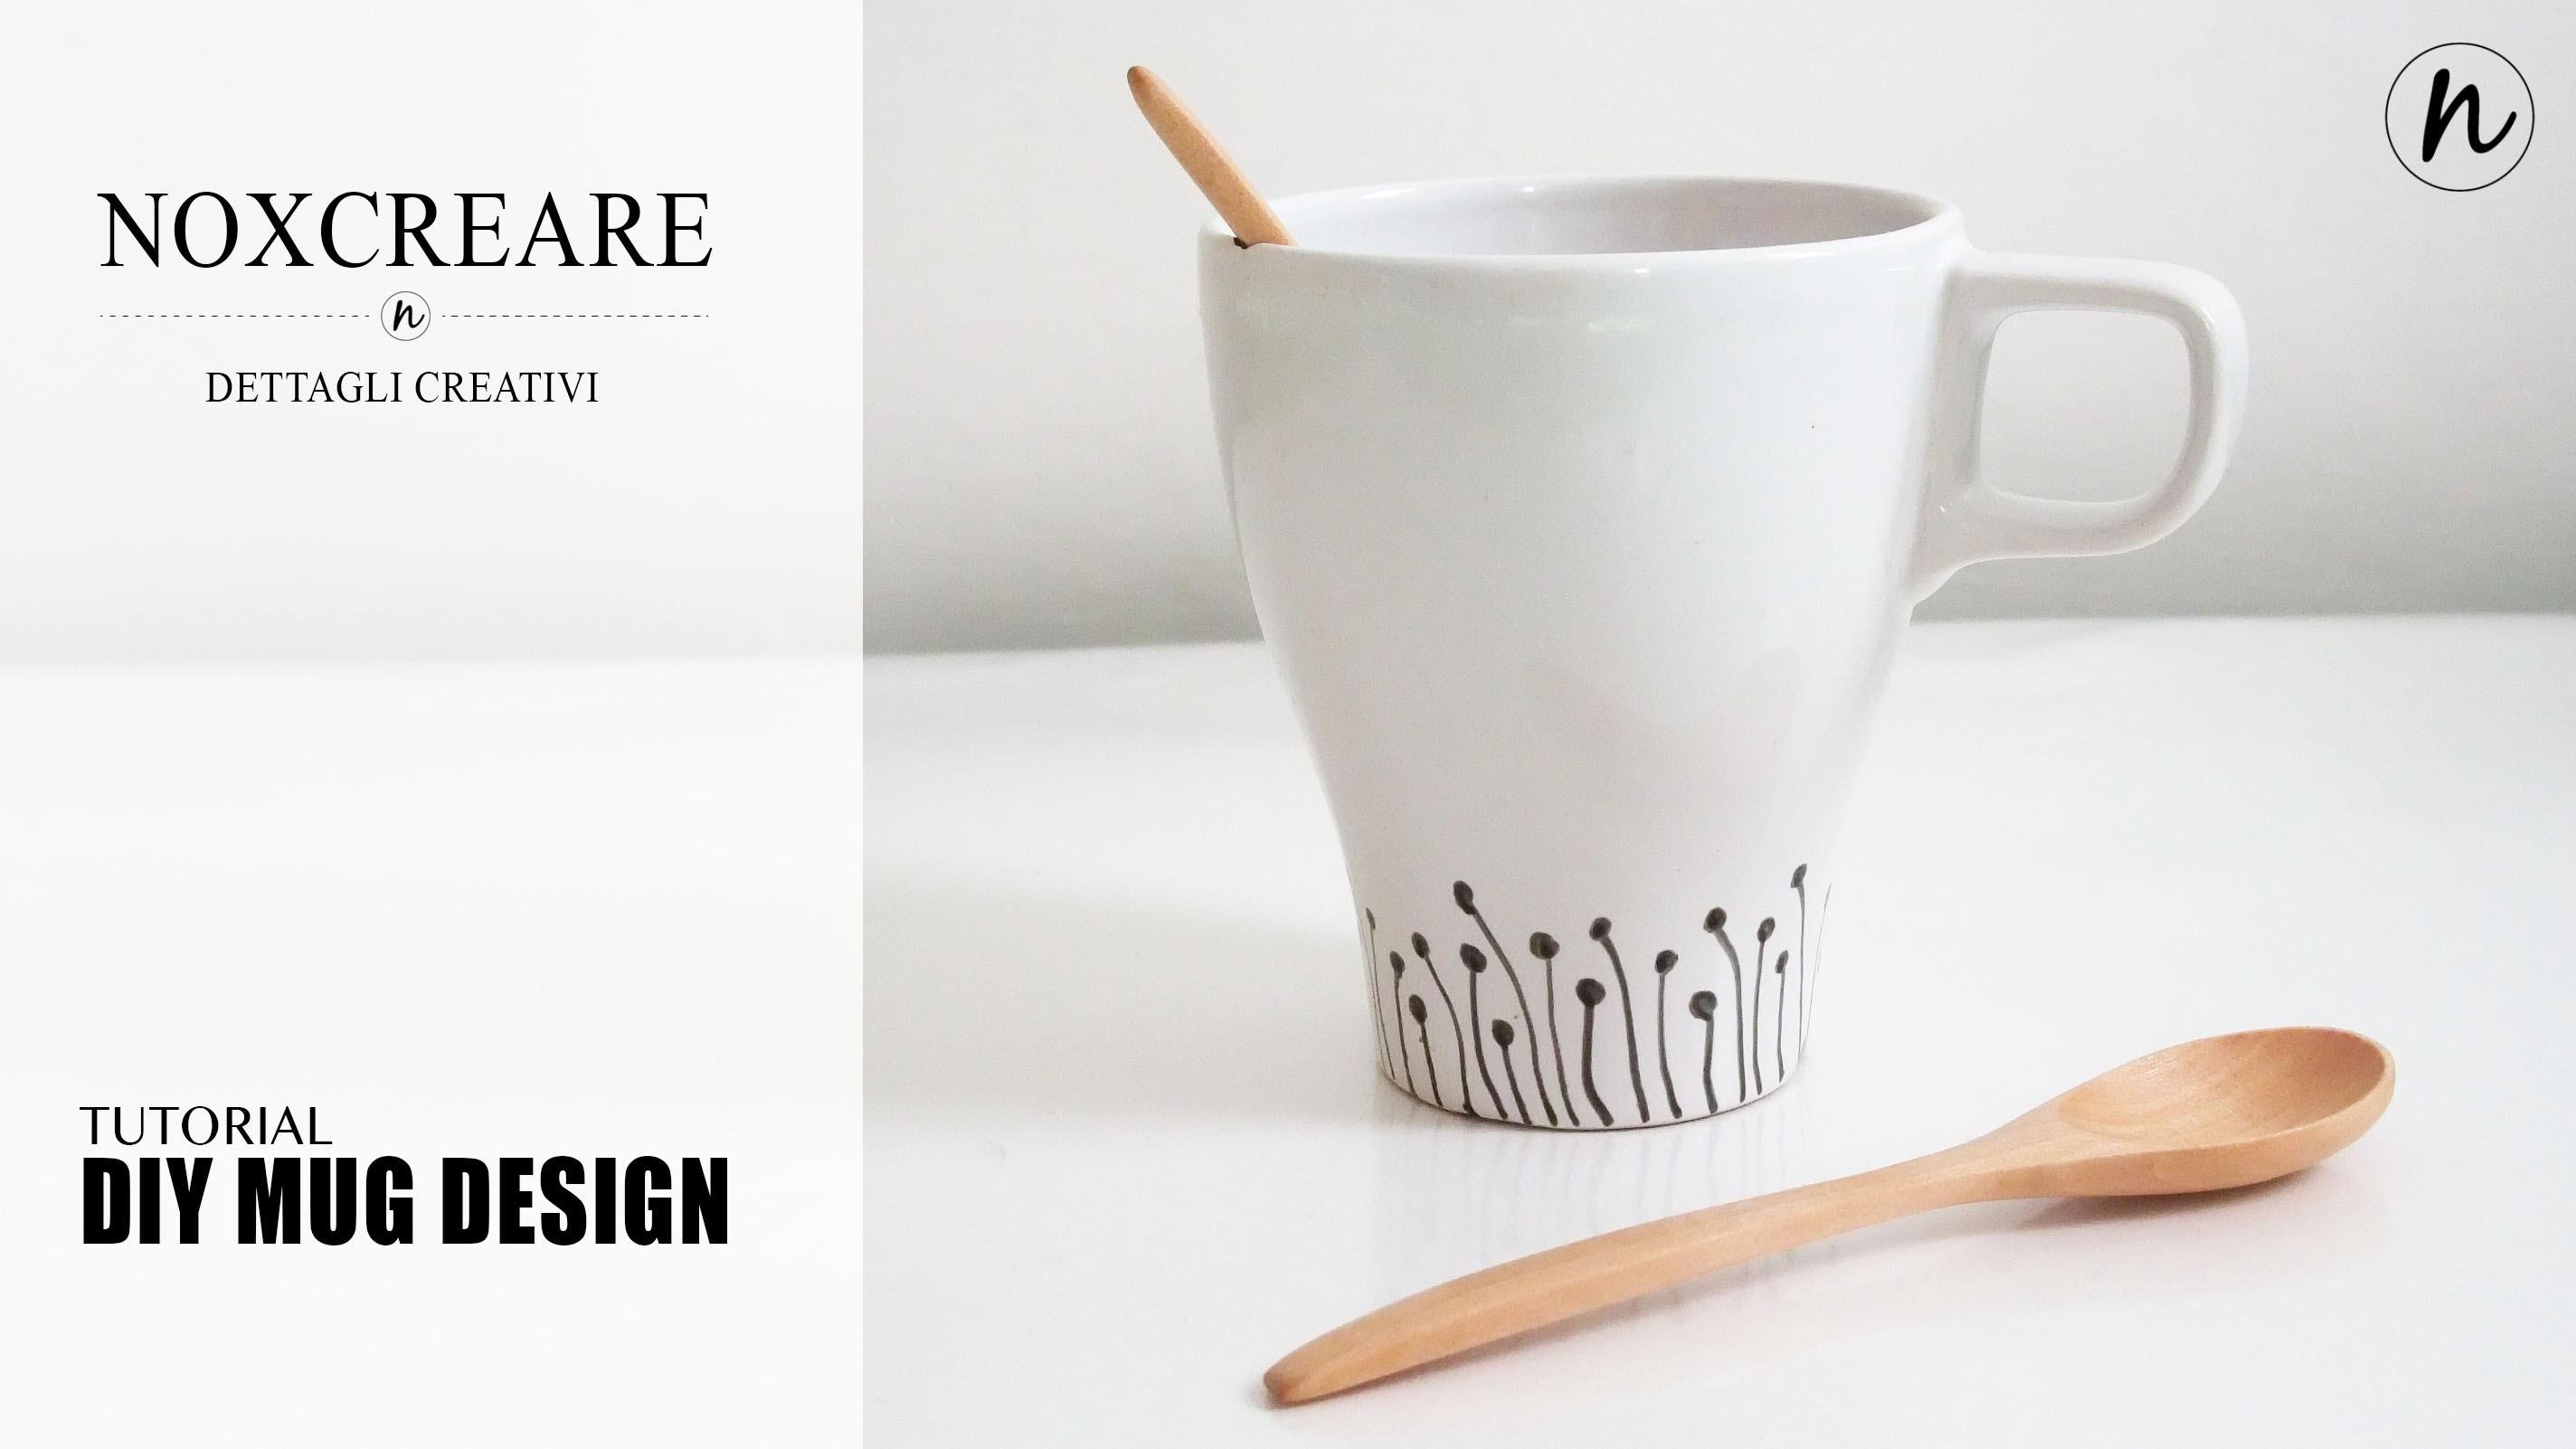 Tutorial: DIY Mug Design -Come decorare una tazza